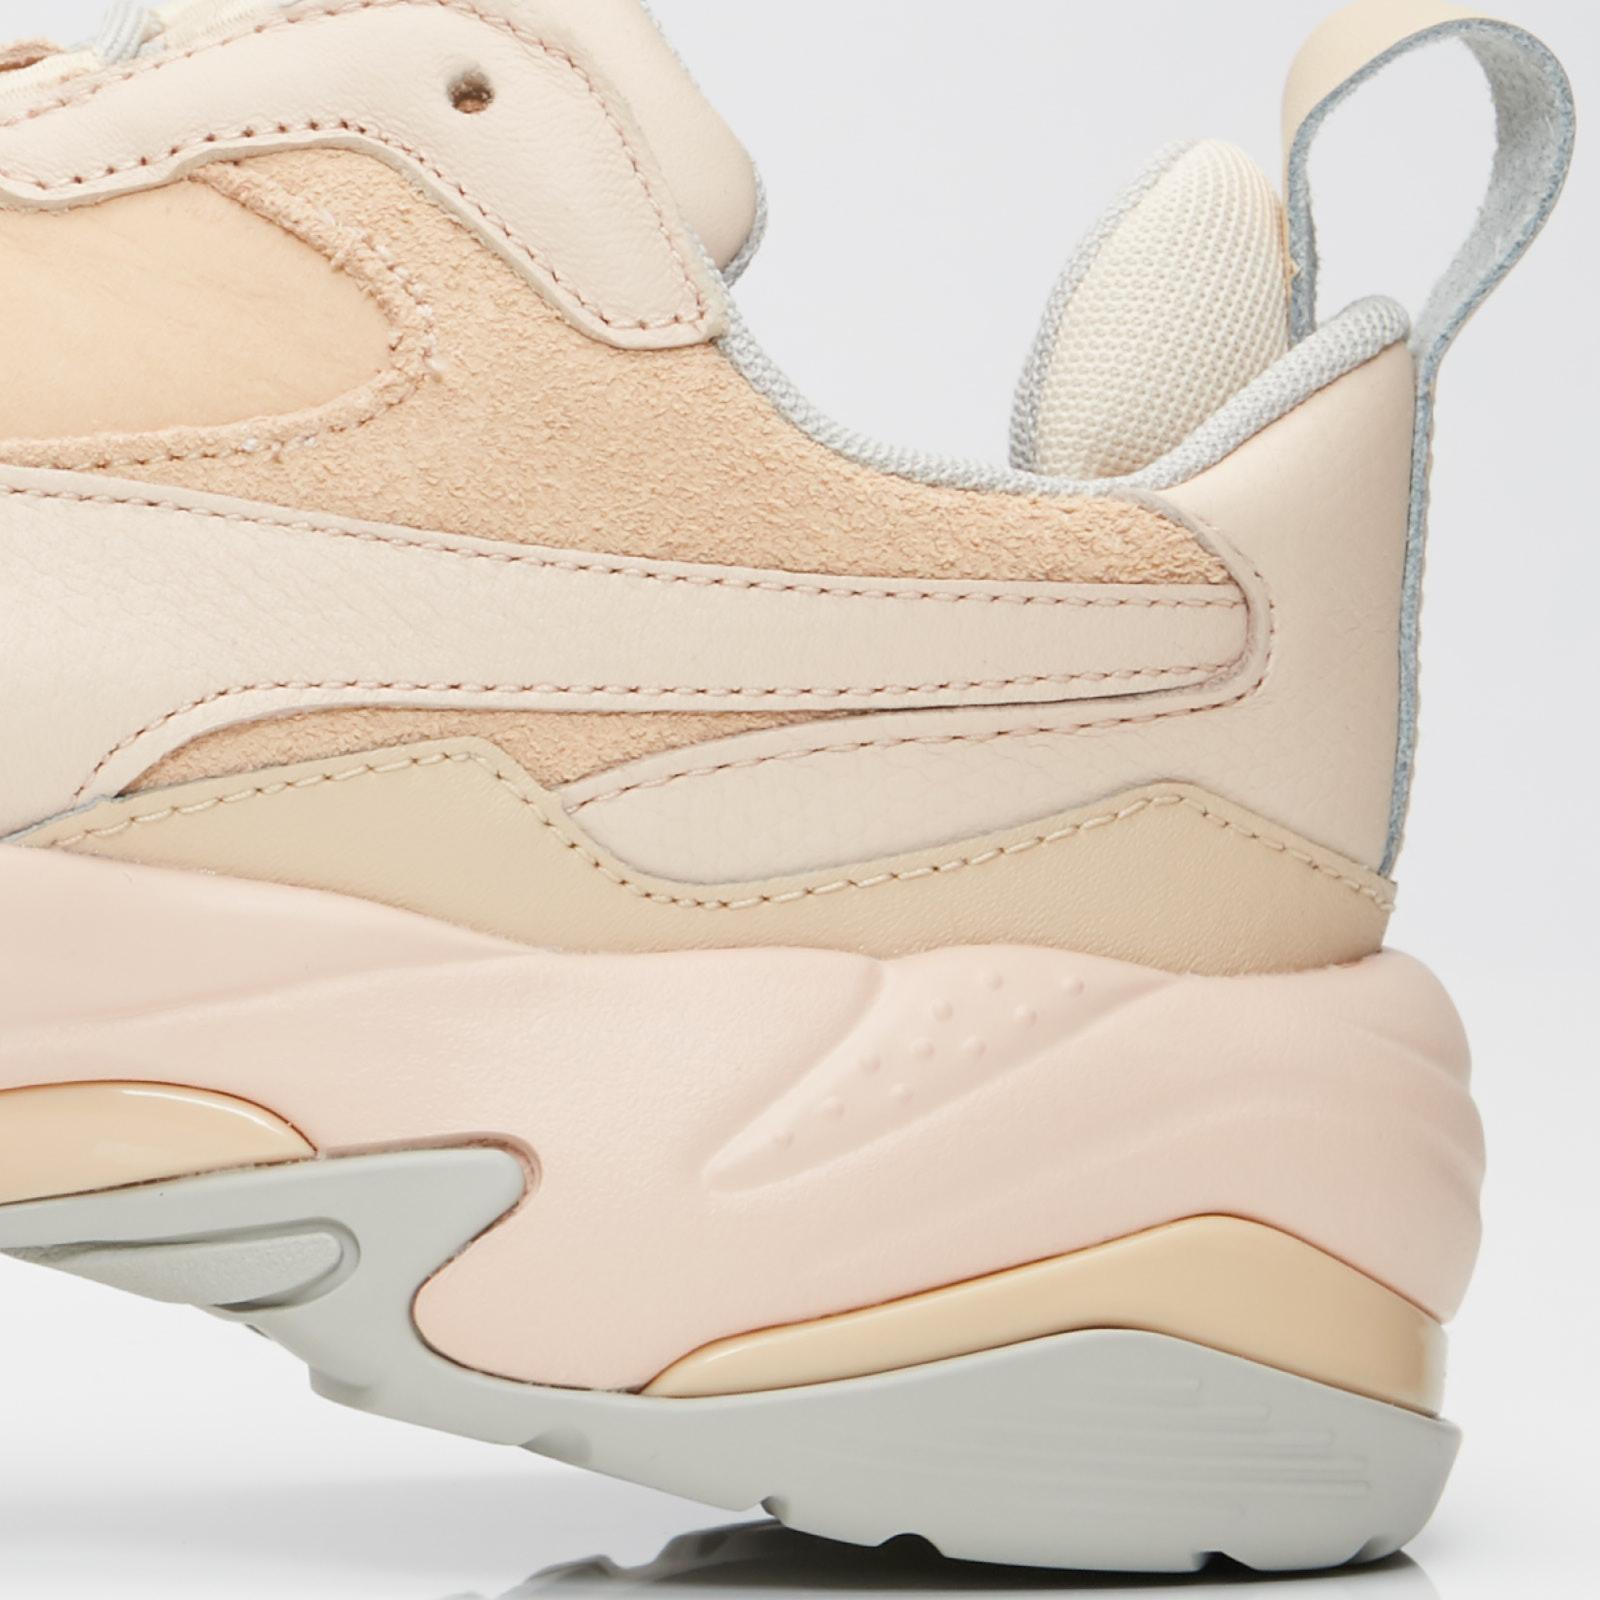 Puma Thunder Desert Wmns - 368024-01 - Sneakersnstuff ...